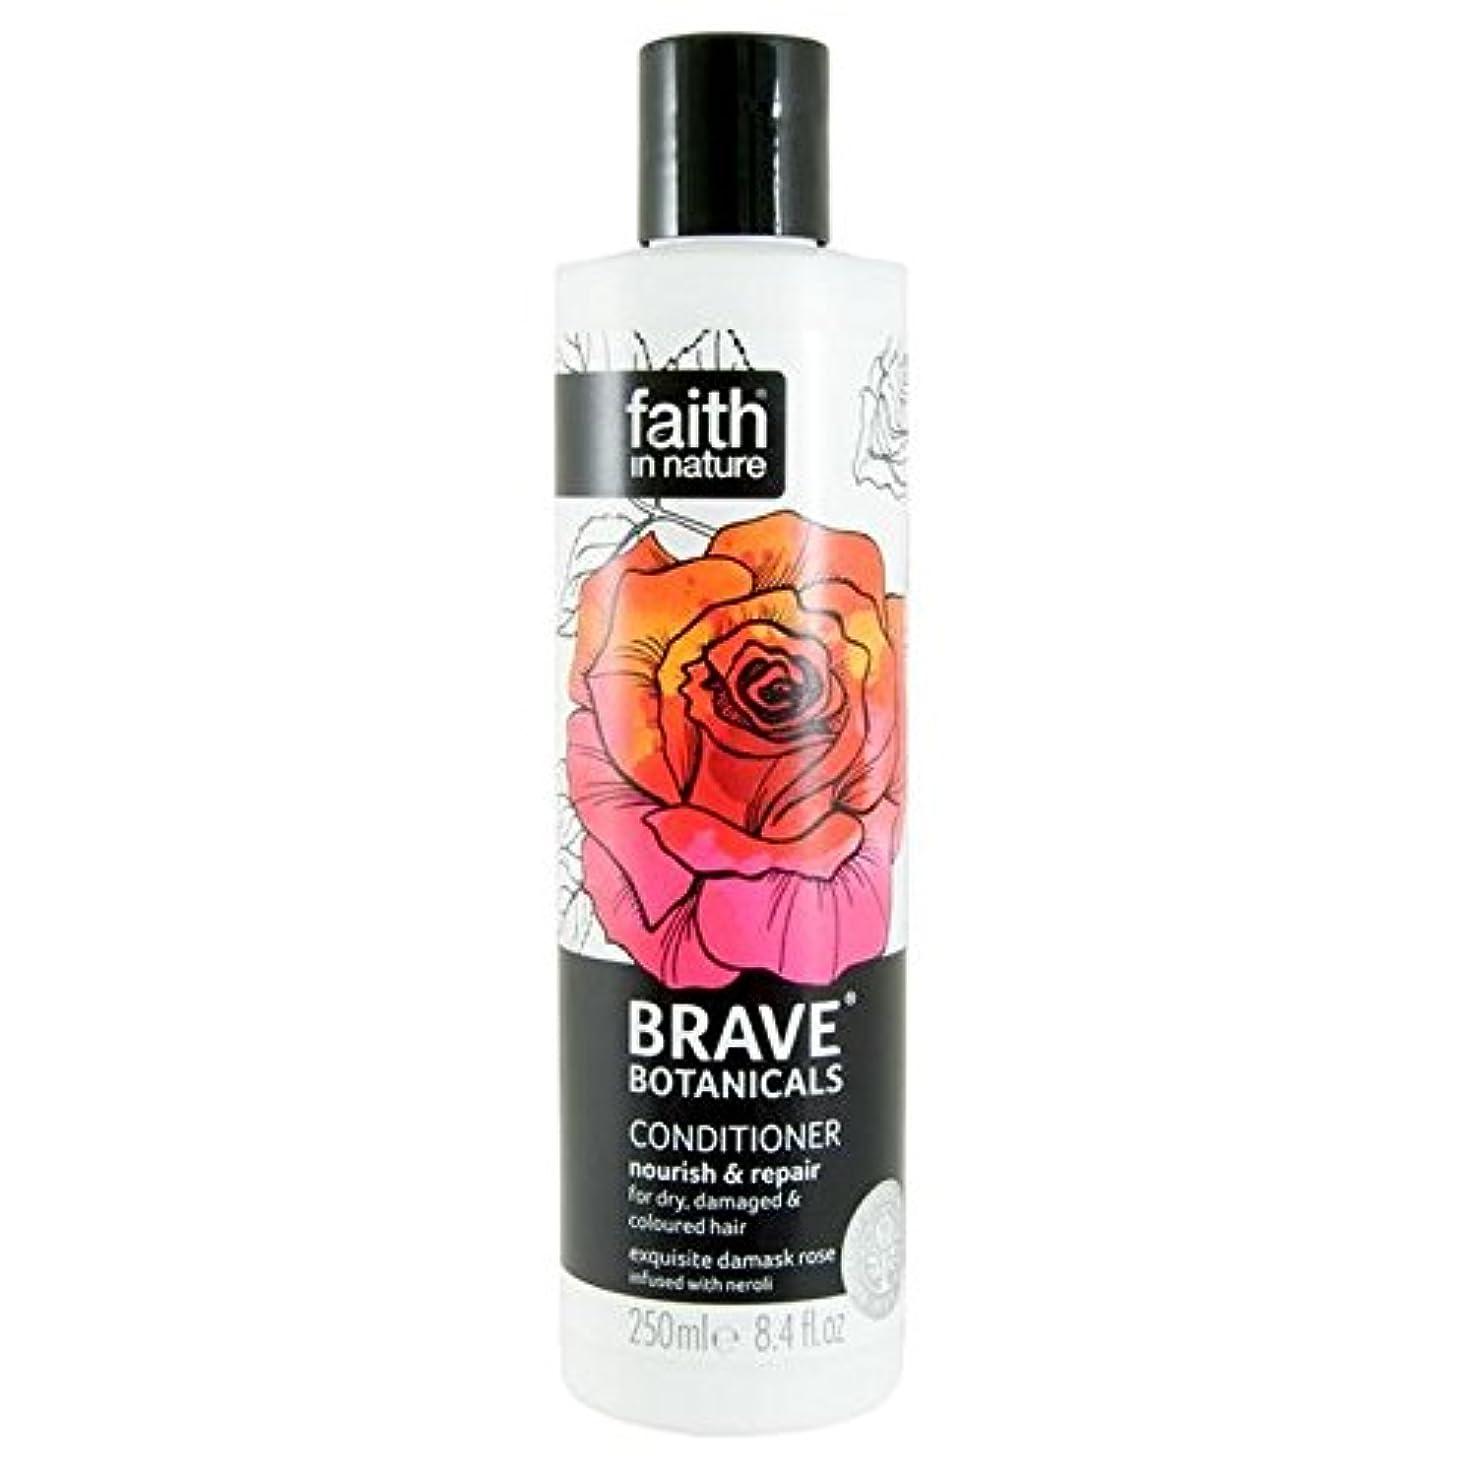 側面電気の道路を作るプロセスBrave Botanicals Rose & Neroli Nourish & Repair Conditioner 250ml (Pack of 2) - (Faith In Nature) 勇敢な植物は、ローズ&ネロリ...